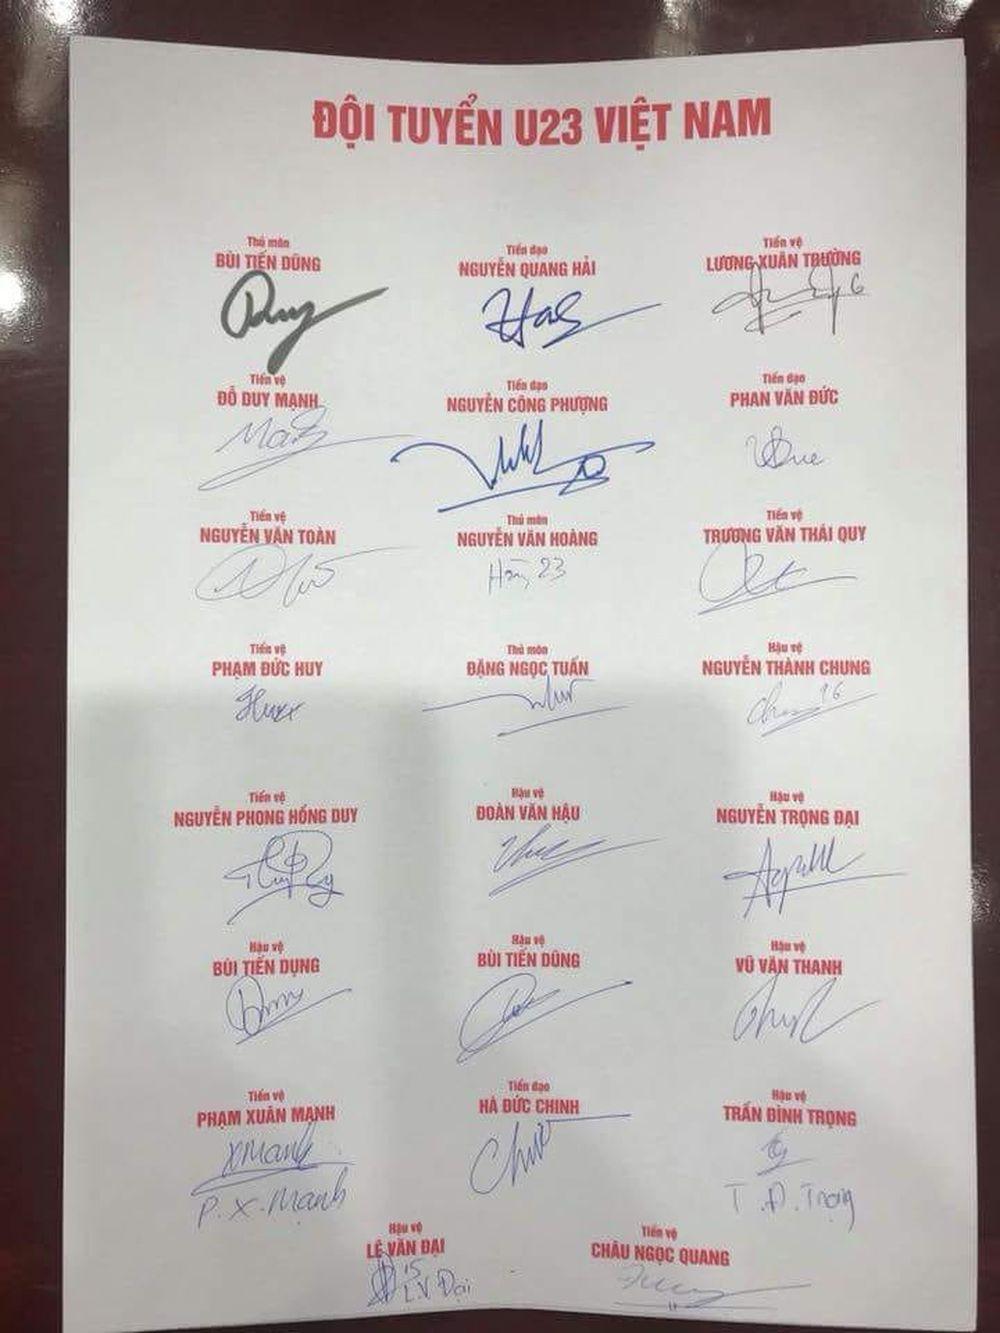 Điều đáng nói rất nhiều người hâm mộ chụp hình lưu niệm và xin chữ ký các cầu thủ nhưng xin được tất cả chữ ký thì chắc chỉ có duy nhất cô gái Vy Nguyen.